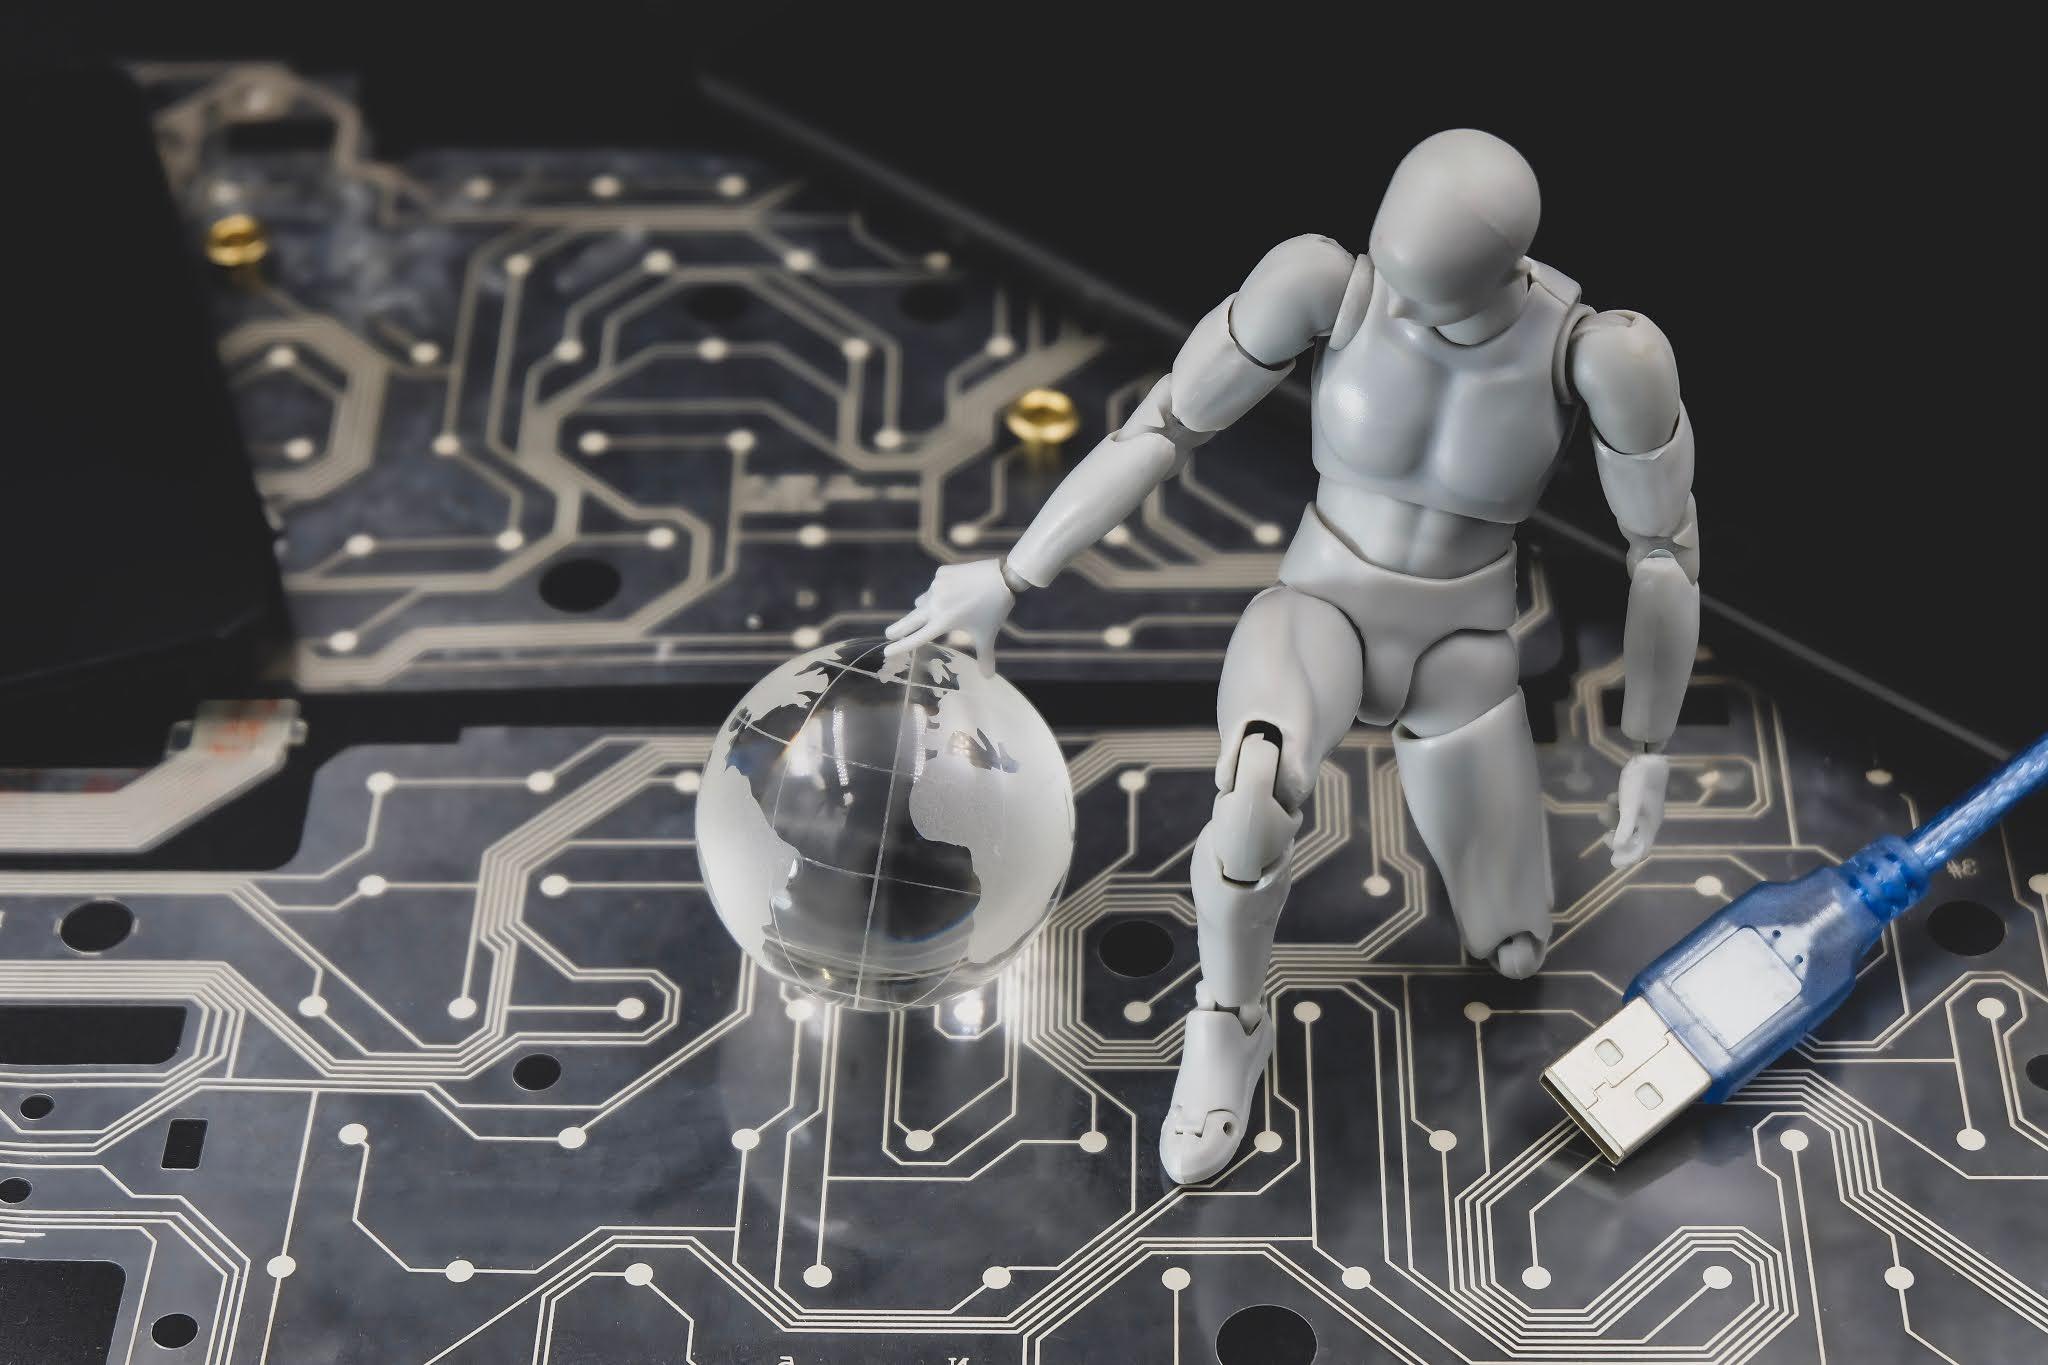 الجرائم الالكترونية وسبل مكافحتها على أجندة اجتماع اتحاد مصارف الإمارات